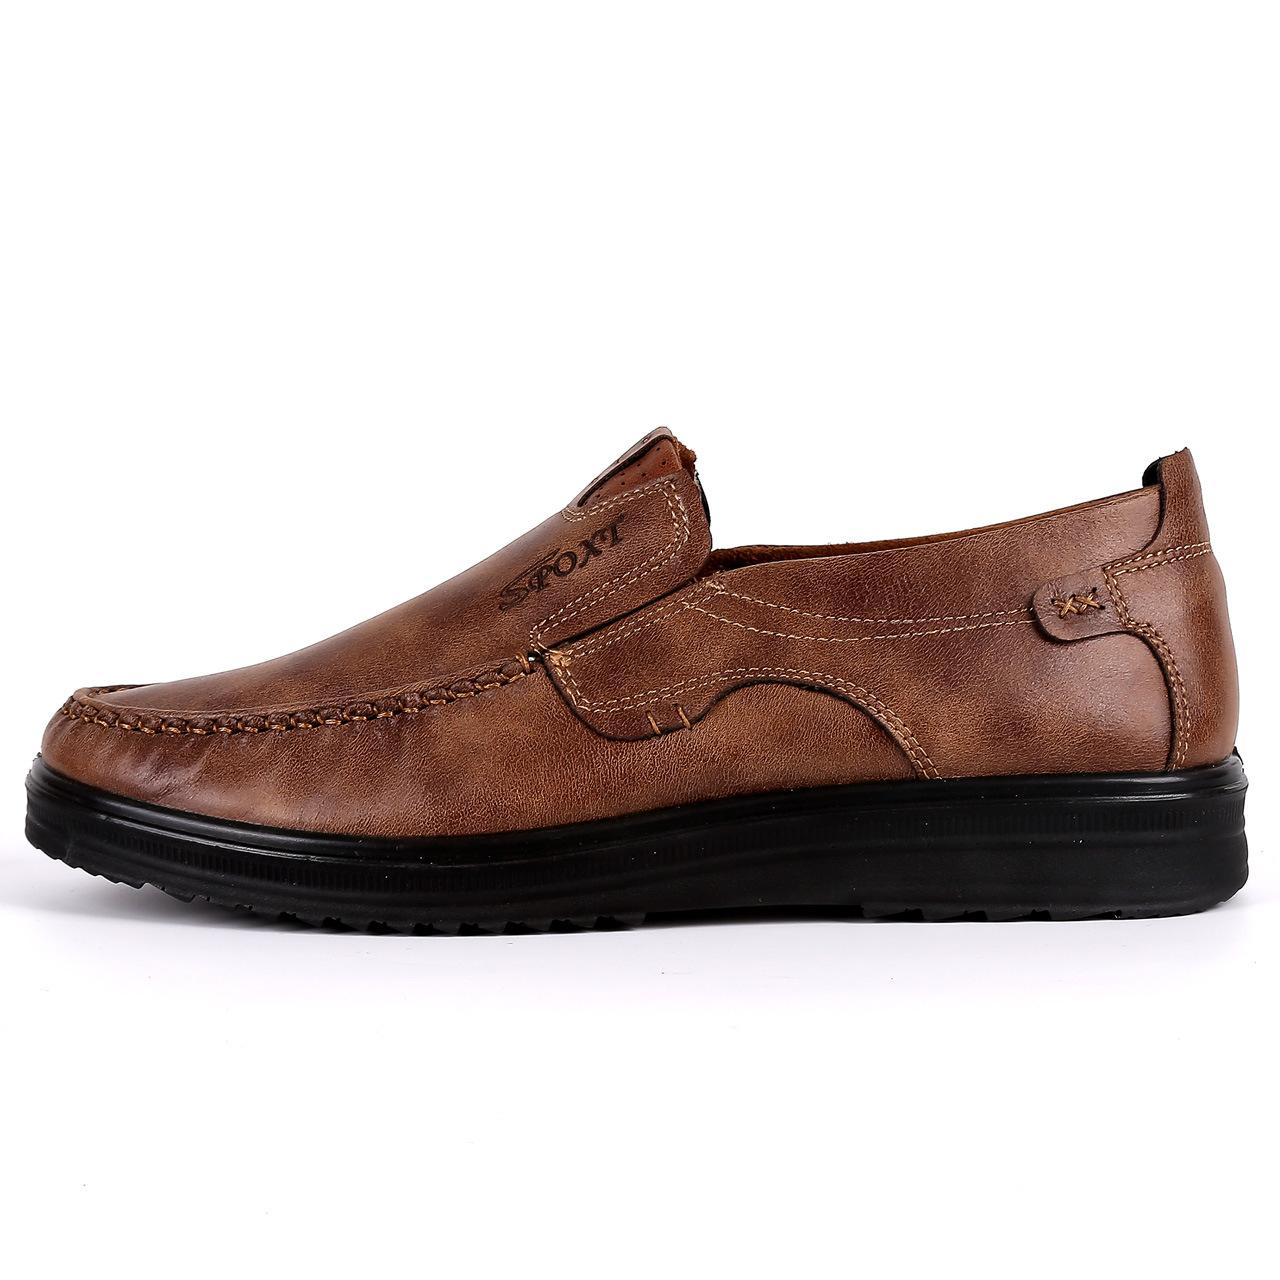 Eski Pekin Bez Ayakkabı Erkek Pompaları 2018 İlkbahar Ve Sonbahar Yeni Erkek Iş Rahat Ayakkabılar Nefes Yumuşak Alt Toptan